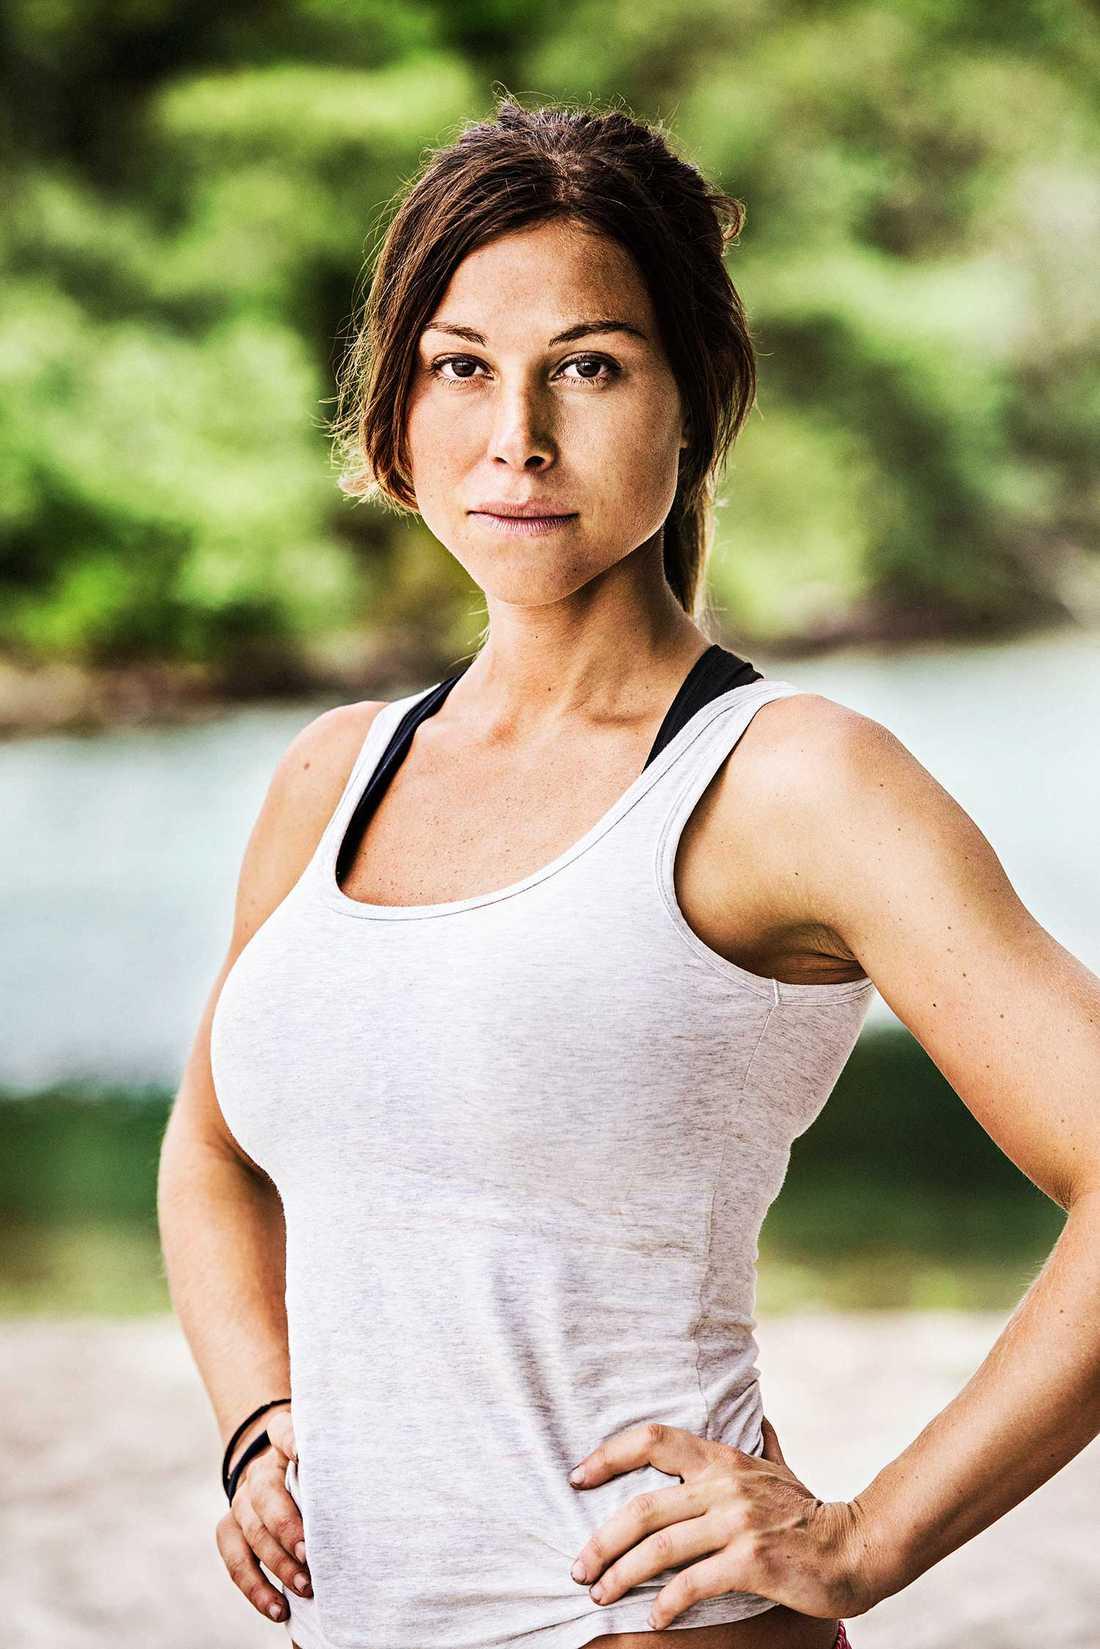 Melissa Miller, 28 år, Borlänge. Arbetar som fjäll- och äventyrsledare.